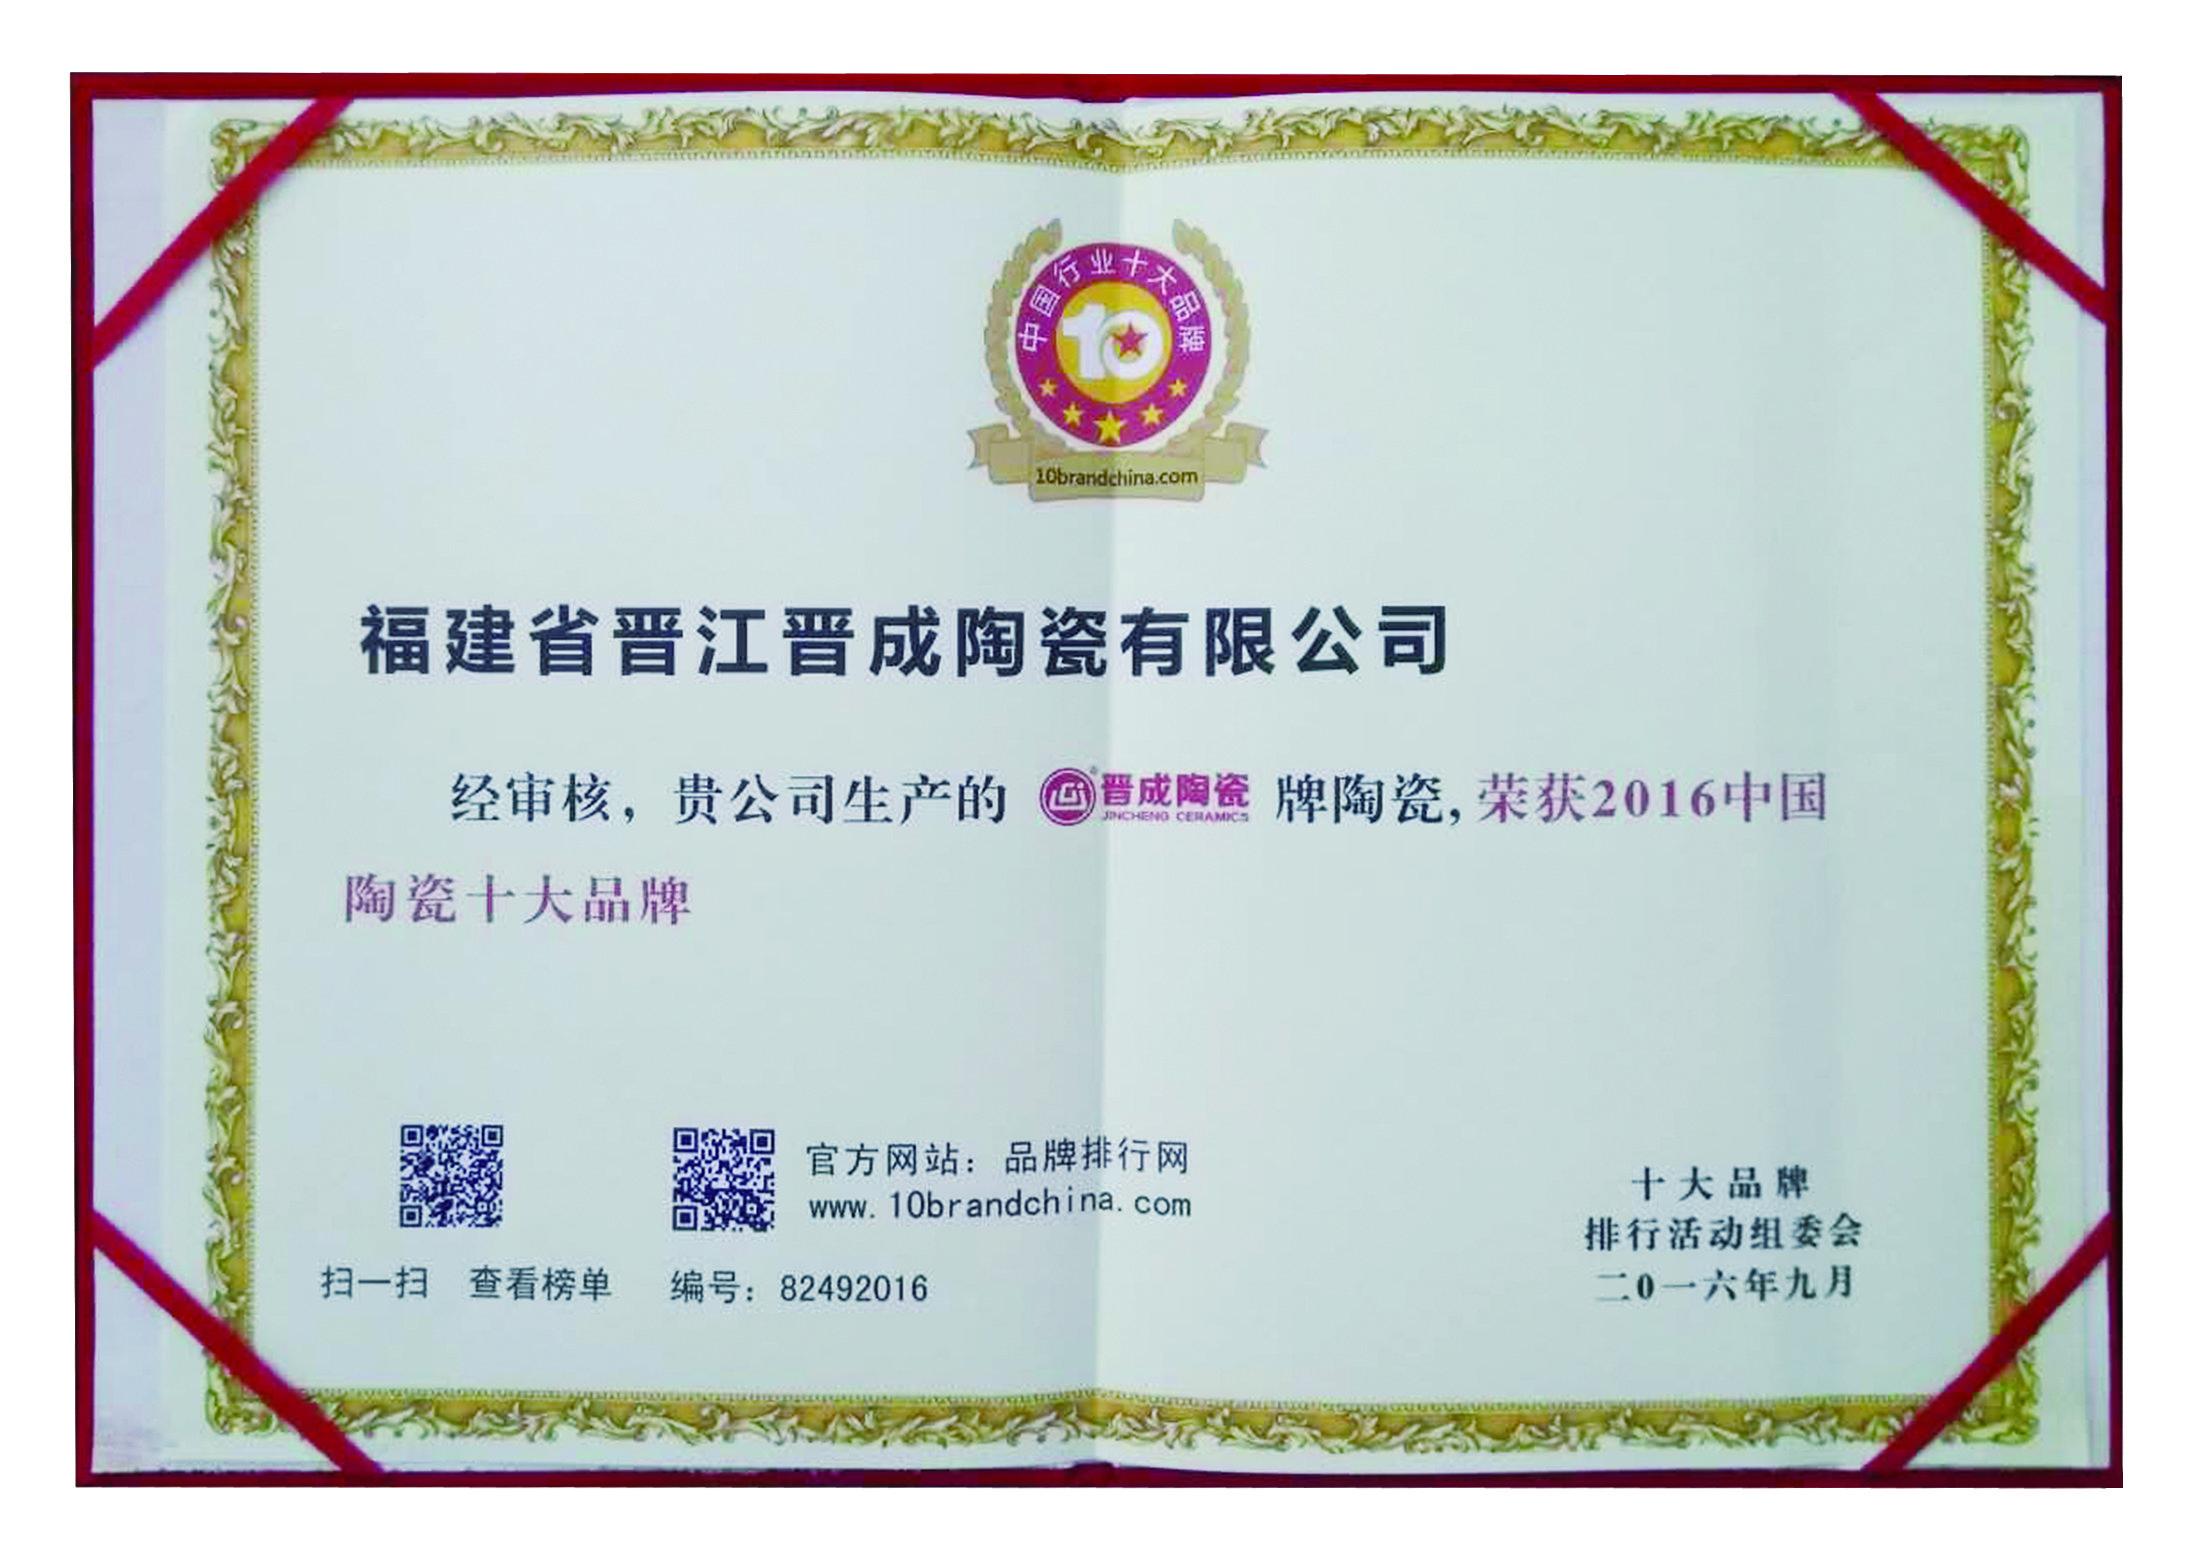 福建省晋江晋成陶瓷十大品牌